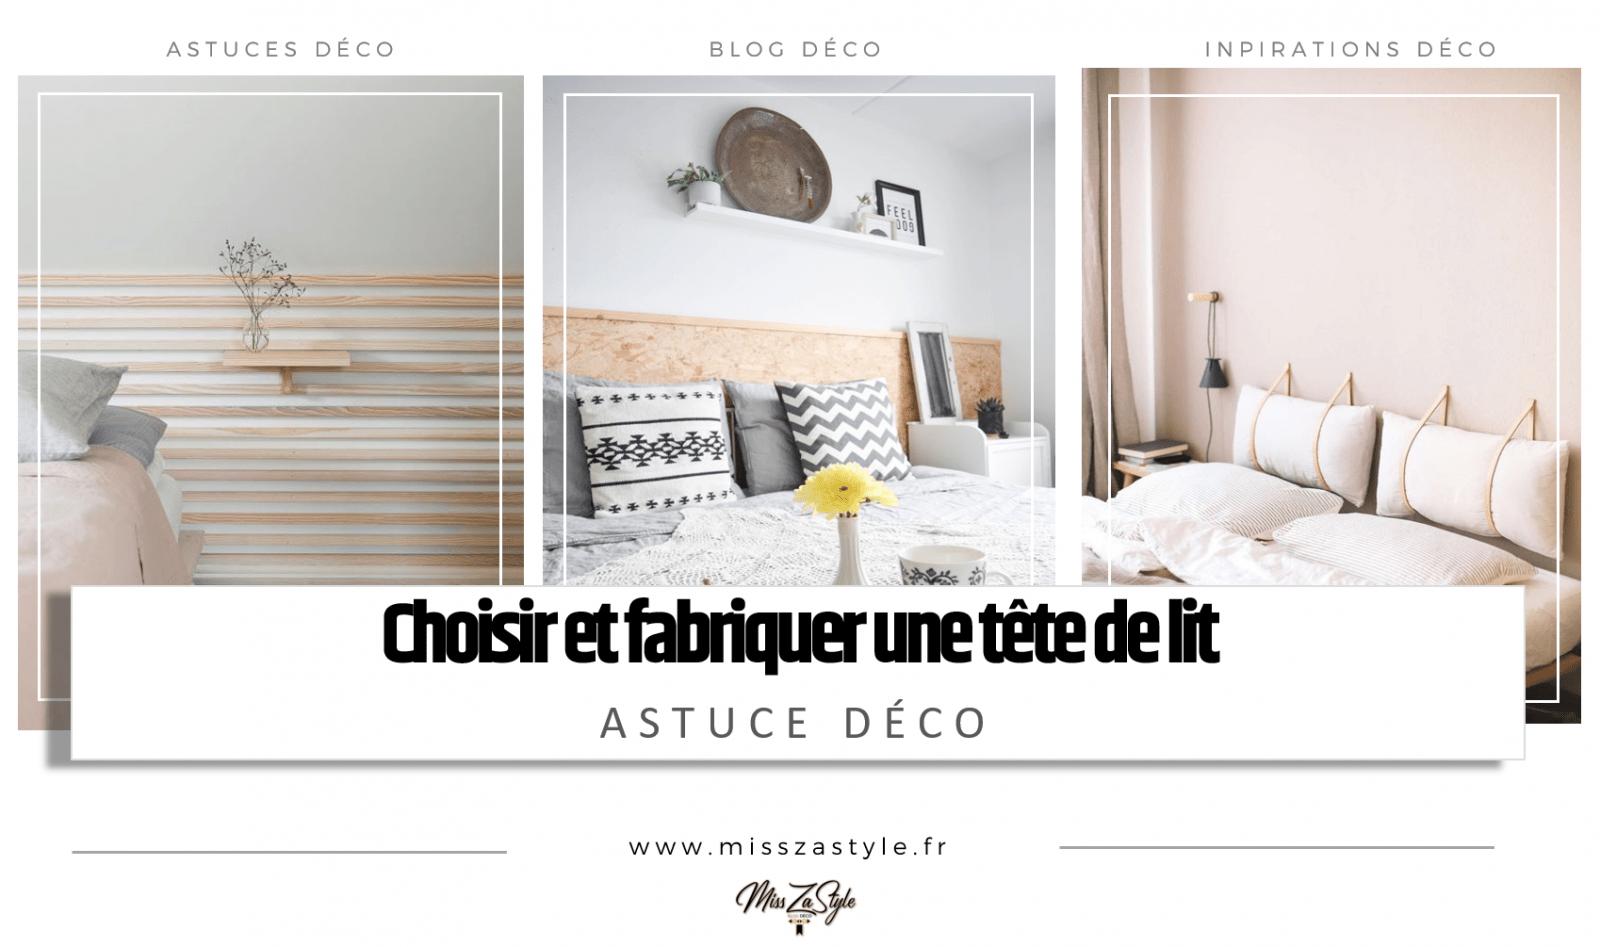 Modele De Lit En Palette choisir et fabriquer une tête de lit- misszastyle - blog déco